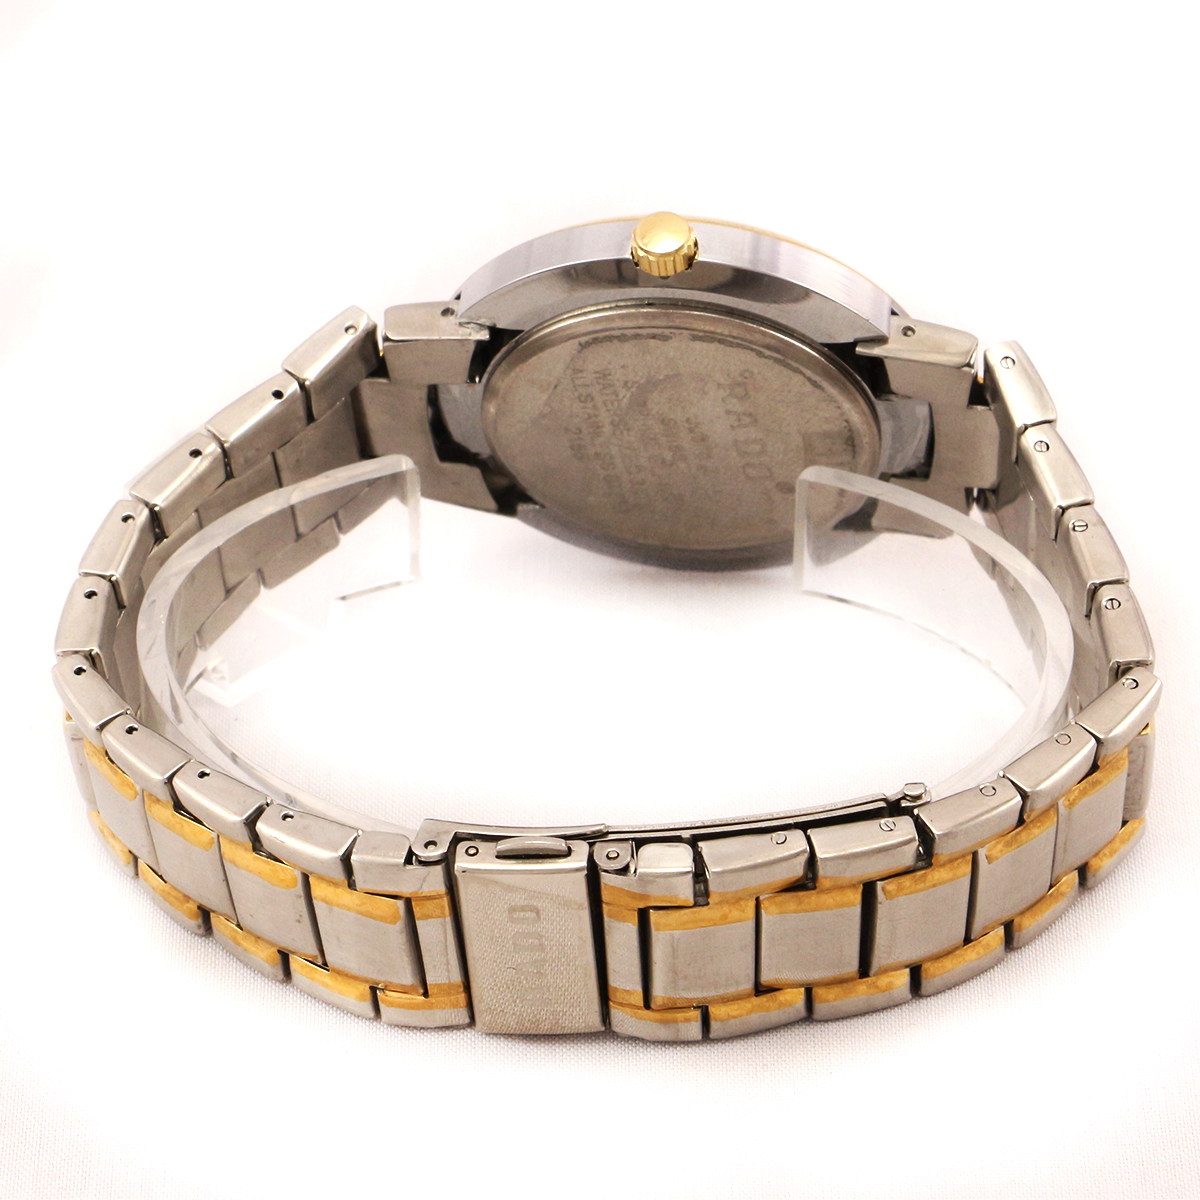 ساعت مچی عقربهای مردانه رادو مدل 2155